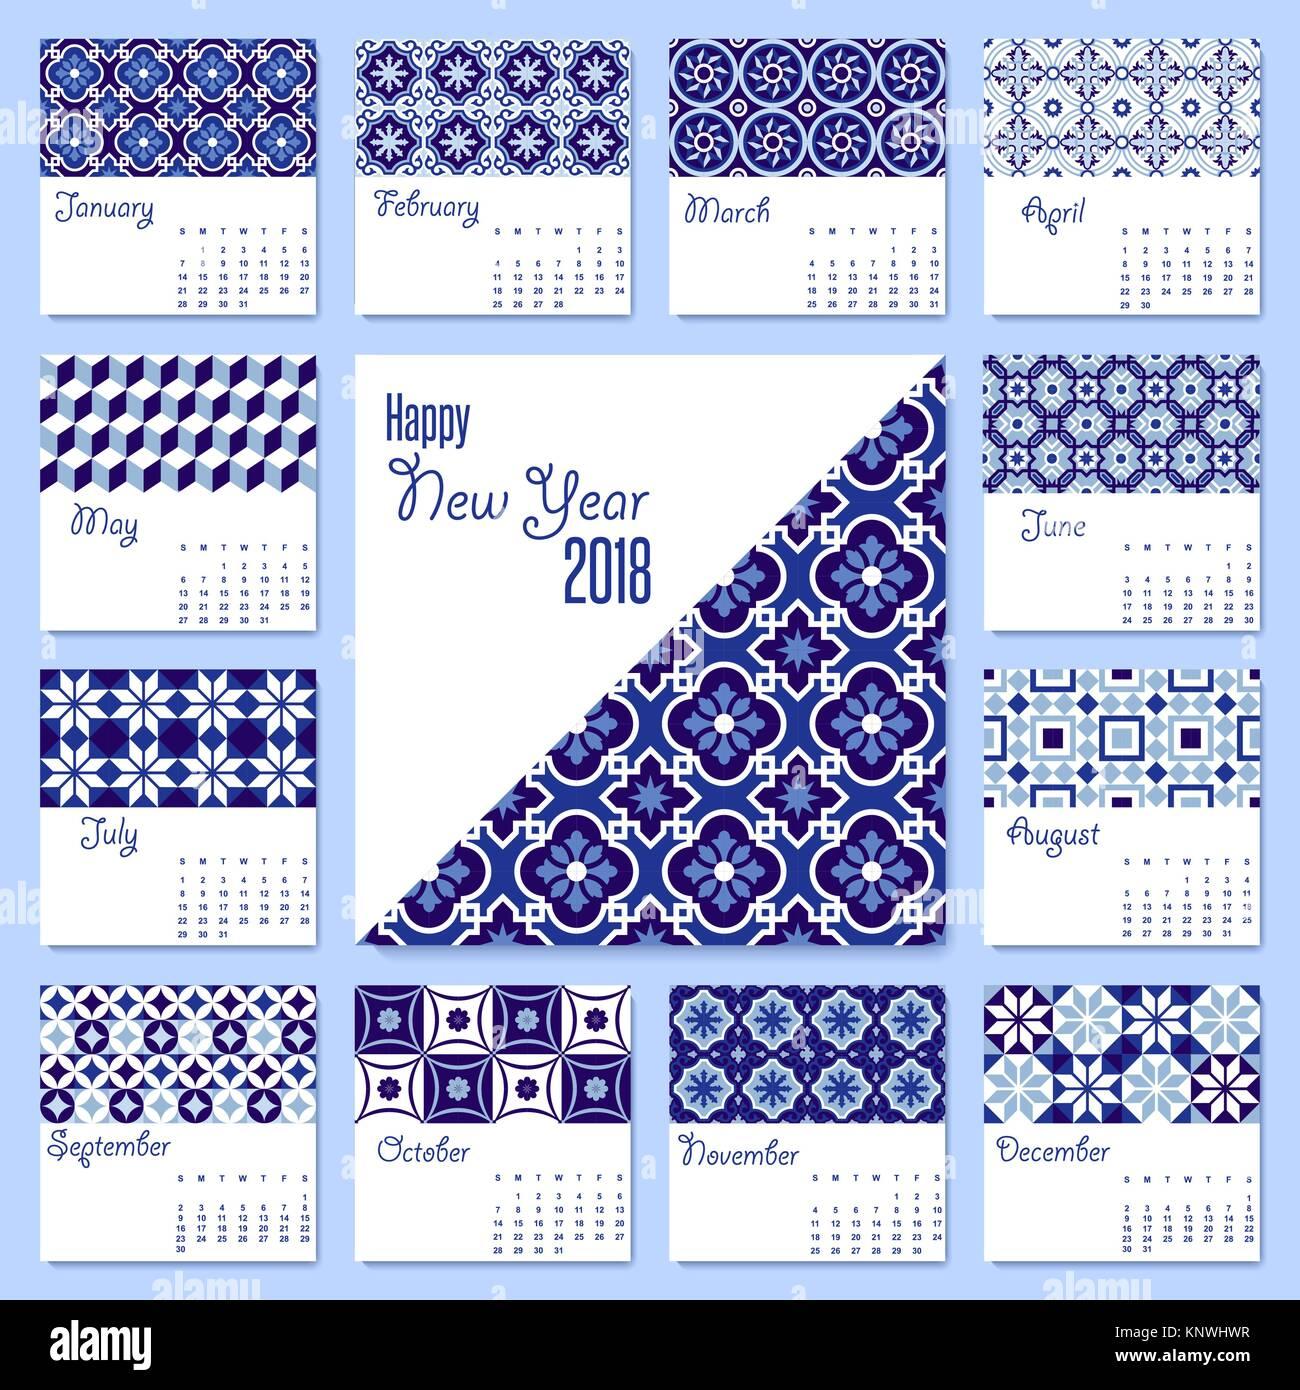 Neues Jahr 2018 Kalender Vorlage mit Arabisch traditionellen blau ...